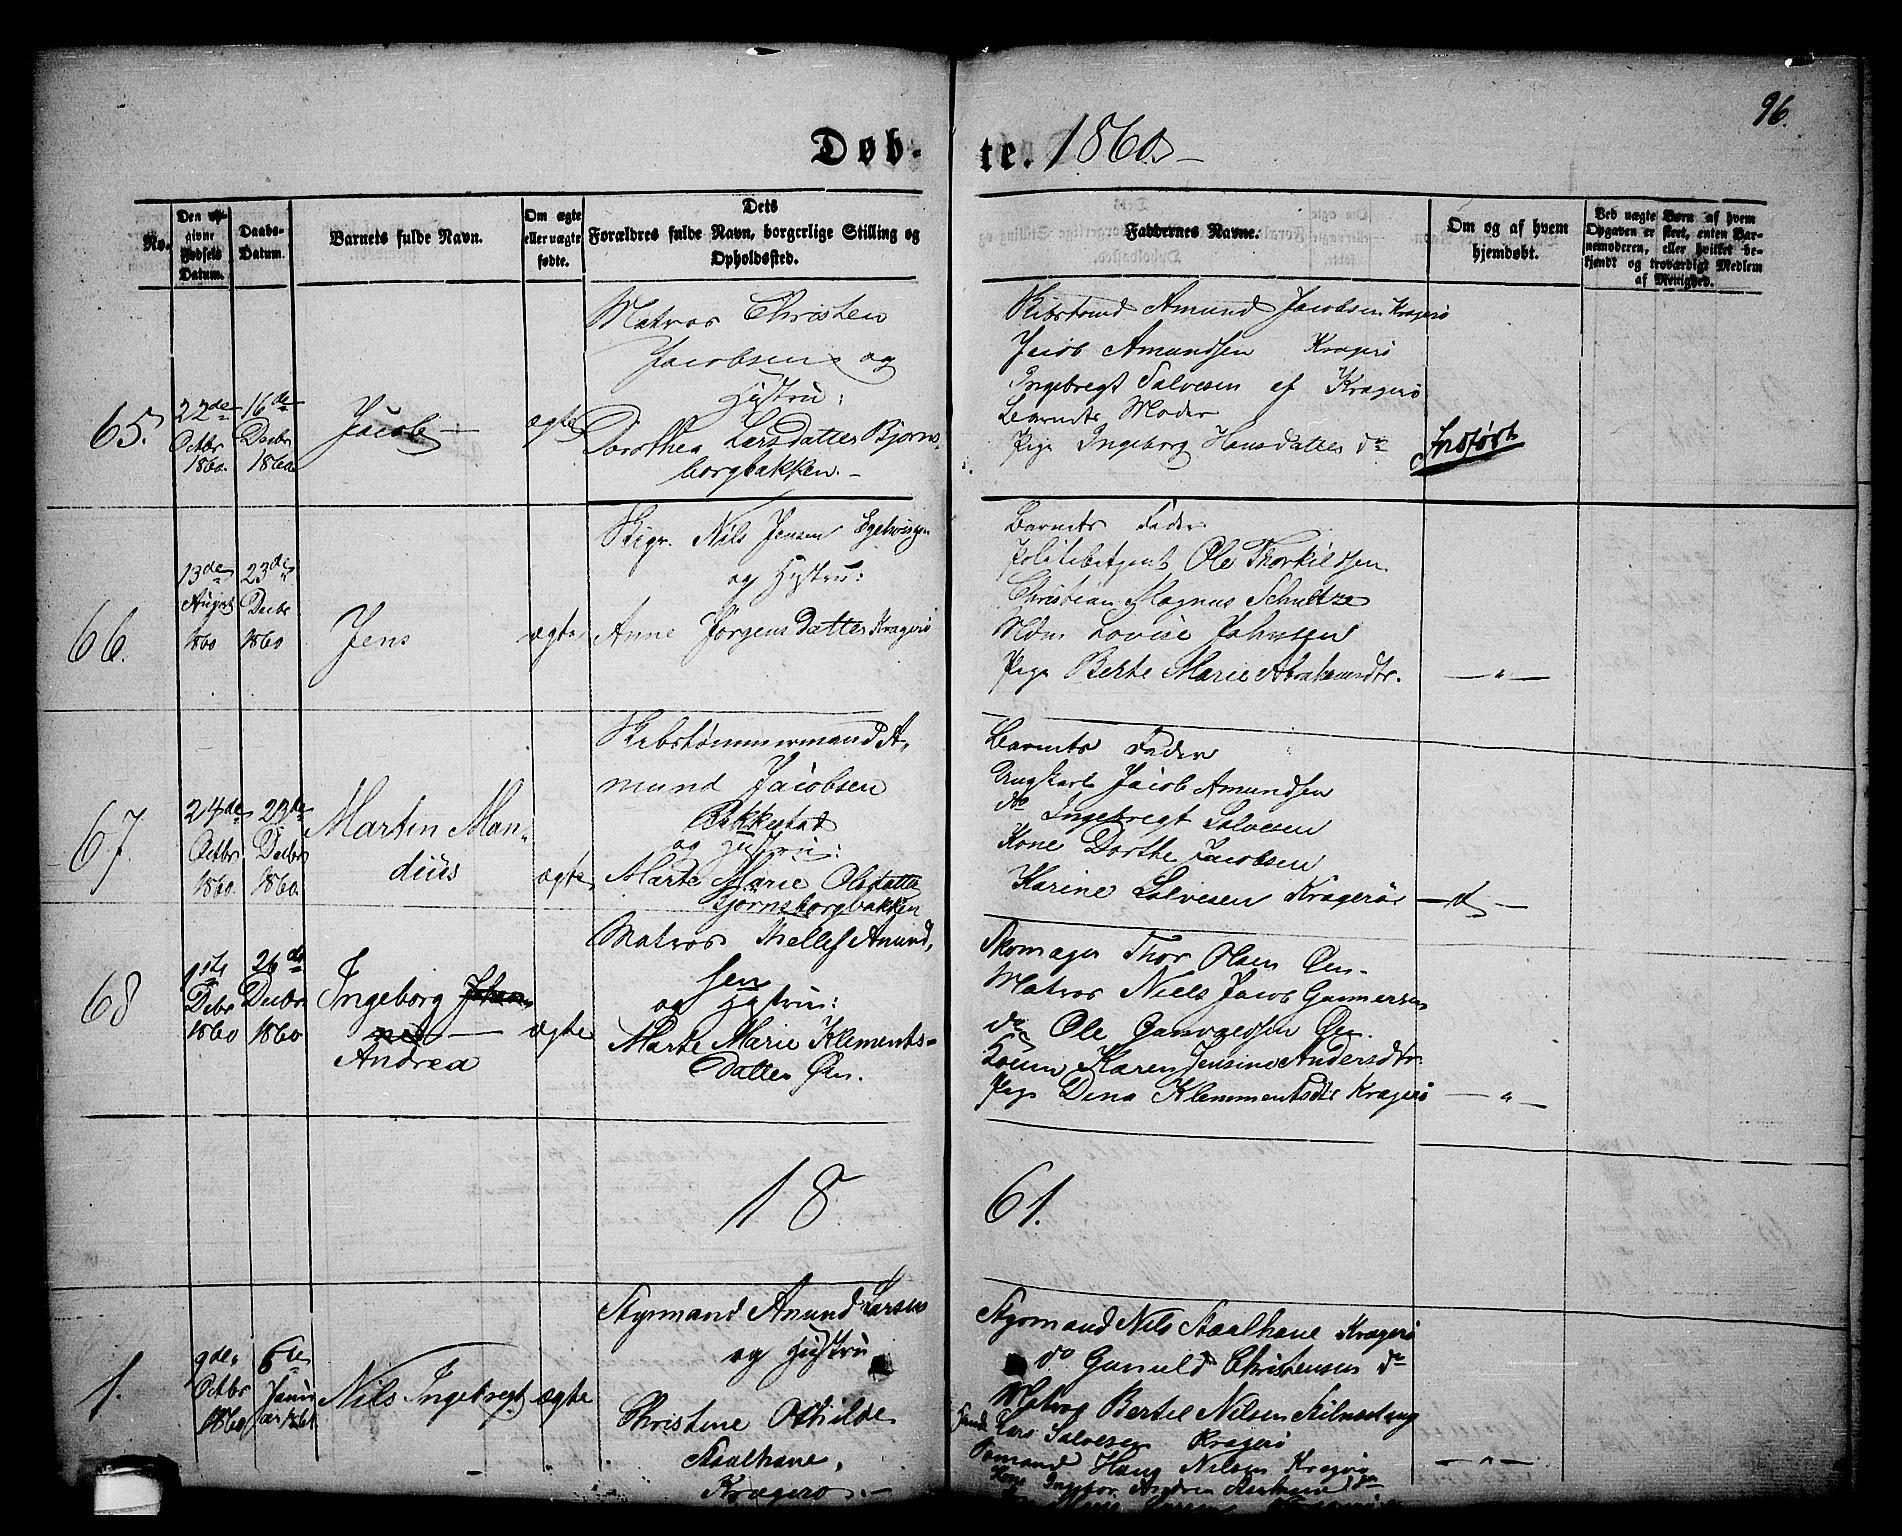 SAKO, Kragerø kirkebøker, G/Ga/L0004: Klokkerbok nr. 4, 1853-1865, s. 96